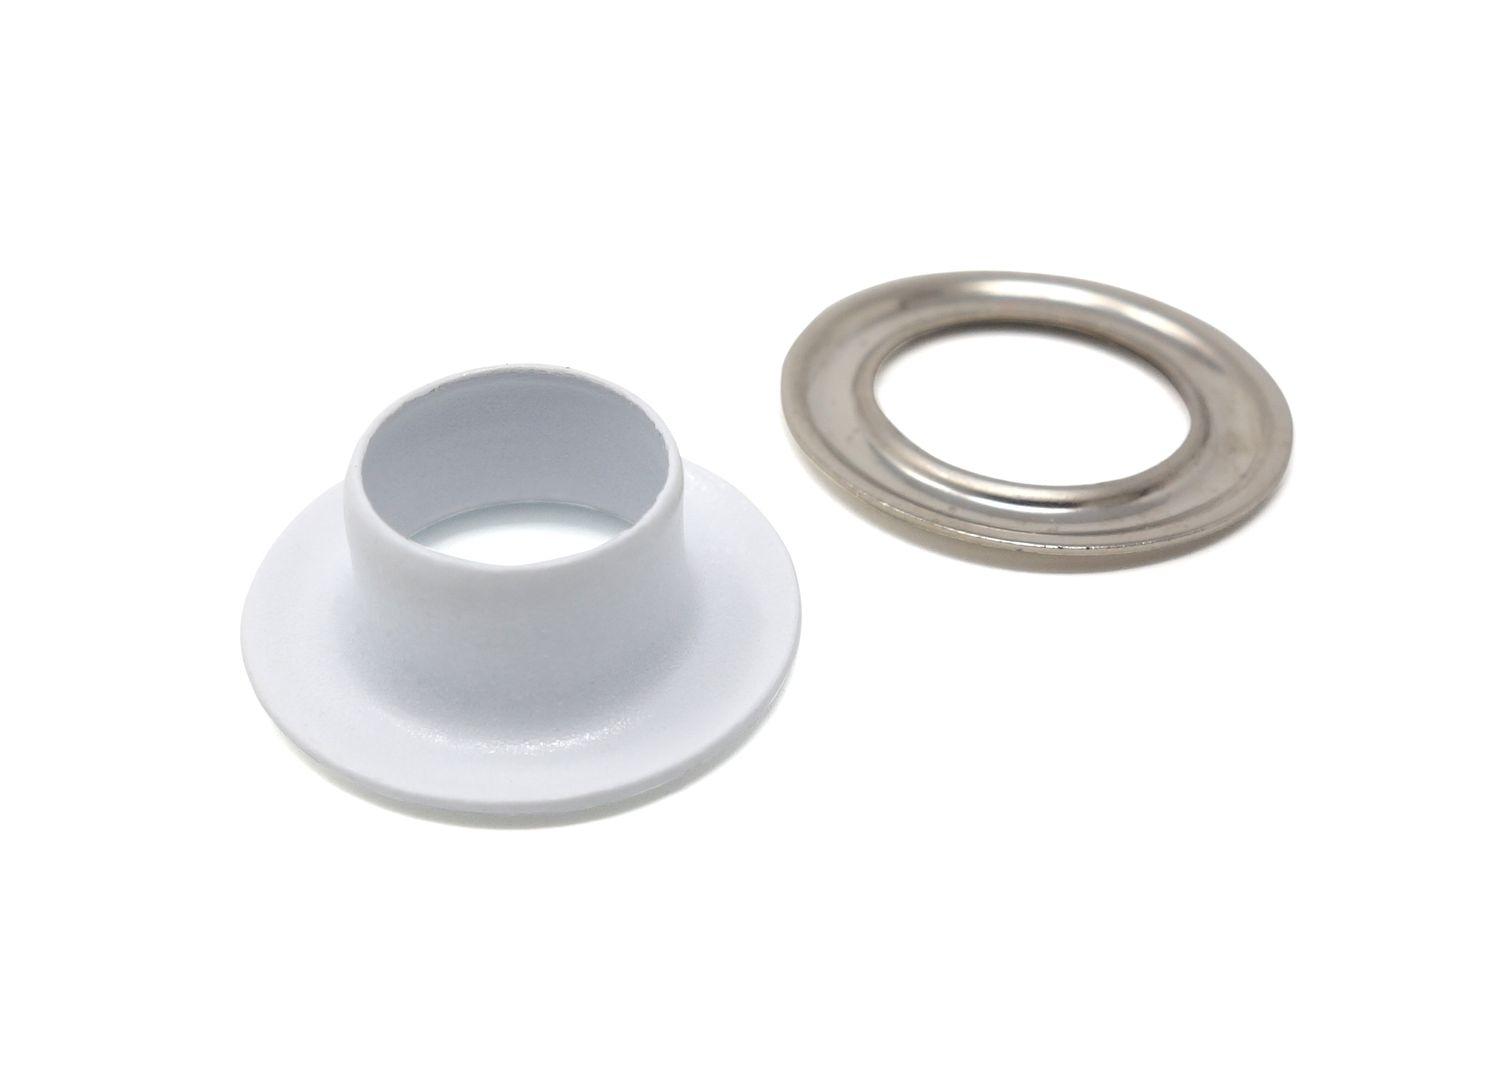 100 x 5,0 mm selbstlochende Ösen mit Scheibe (rostfrei) für Ösenpressen und Einschlagwerkzeuge – Bild 6